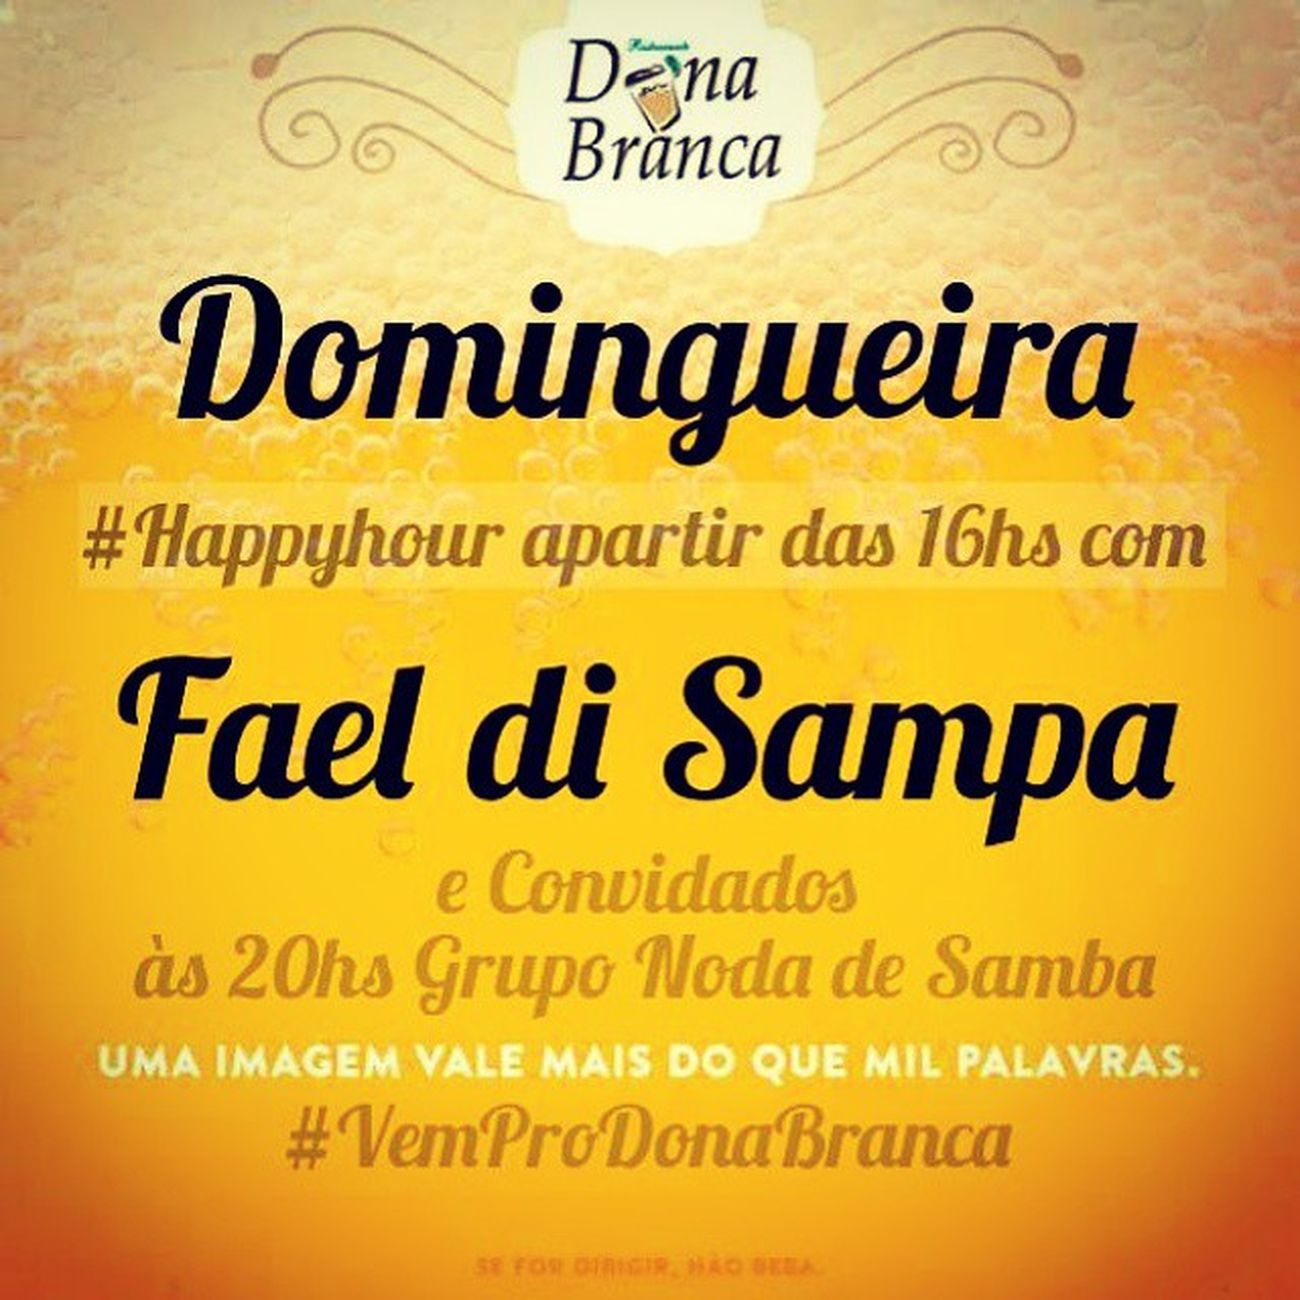 Hoje Domingo tem o Melhor Happyhour da Cidade no Dona Branca Amélia Rosa Apartir 16hs com Fael di Sampa e Convidados. Pagode Das Antigas + Gente Bonita + Chopp Gelado + 50% Off logo após as 20hs tem GrupoNodadeSamba Não Fique de Fora!! VemProDonaBranca VemPraDonaBranca FaeldiSampaEConvidados PagodedoPretinho FaeldiSampa PagodeDasAntigas Beach Job Sound Music Brazil Maceió Alagoas Brasil Pagode90 DonaBranca AlagoasAcontece ODP! OusadosDoPoder GiveMeEnergyMaceio GiveMe Hoje Domingueira DiaDaIndependência